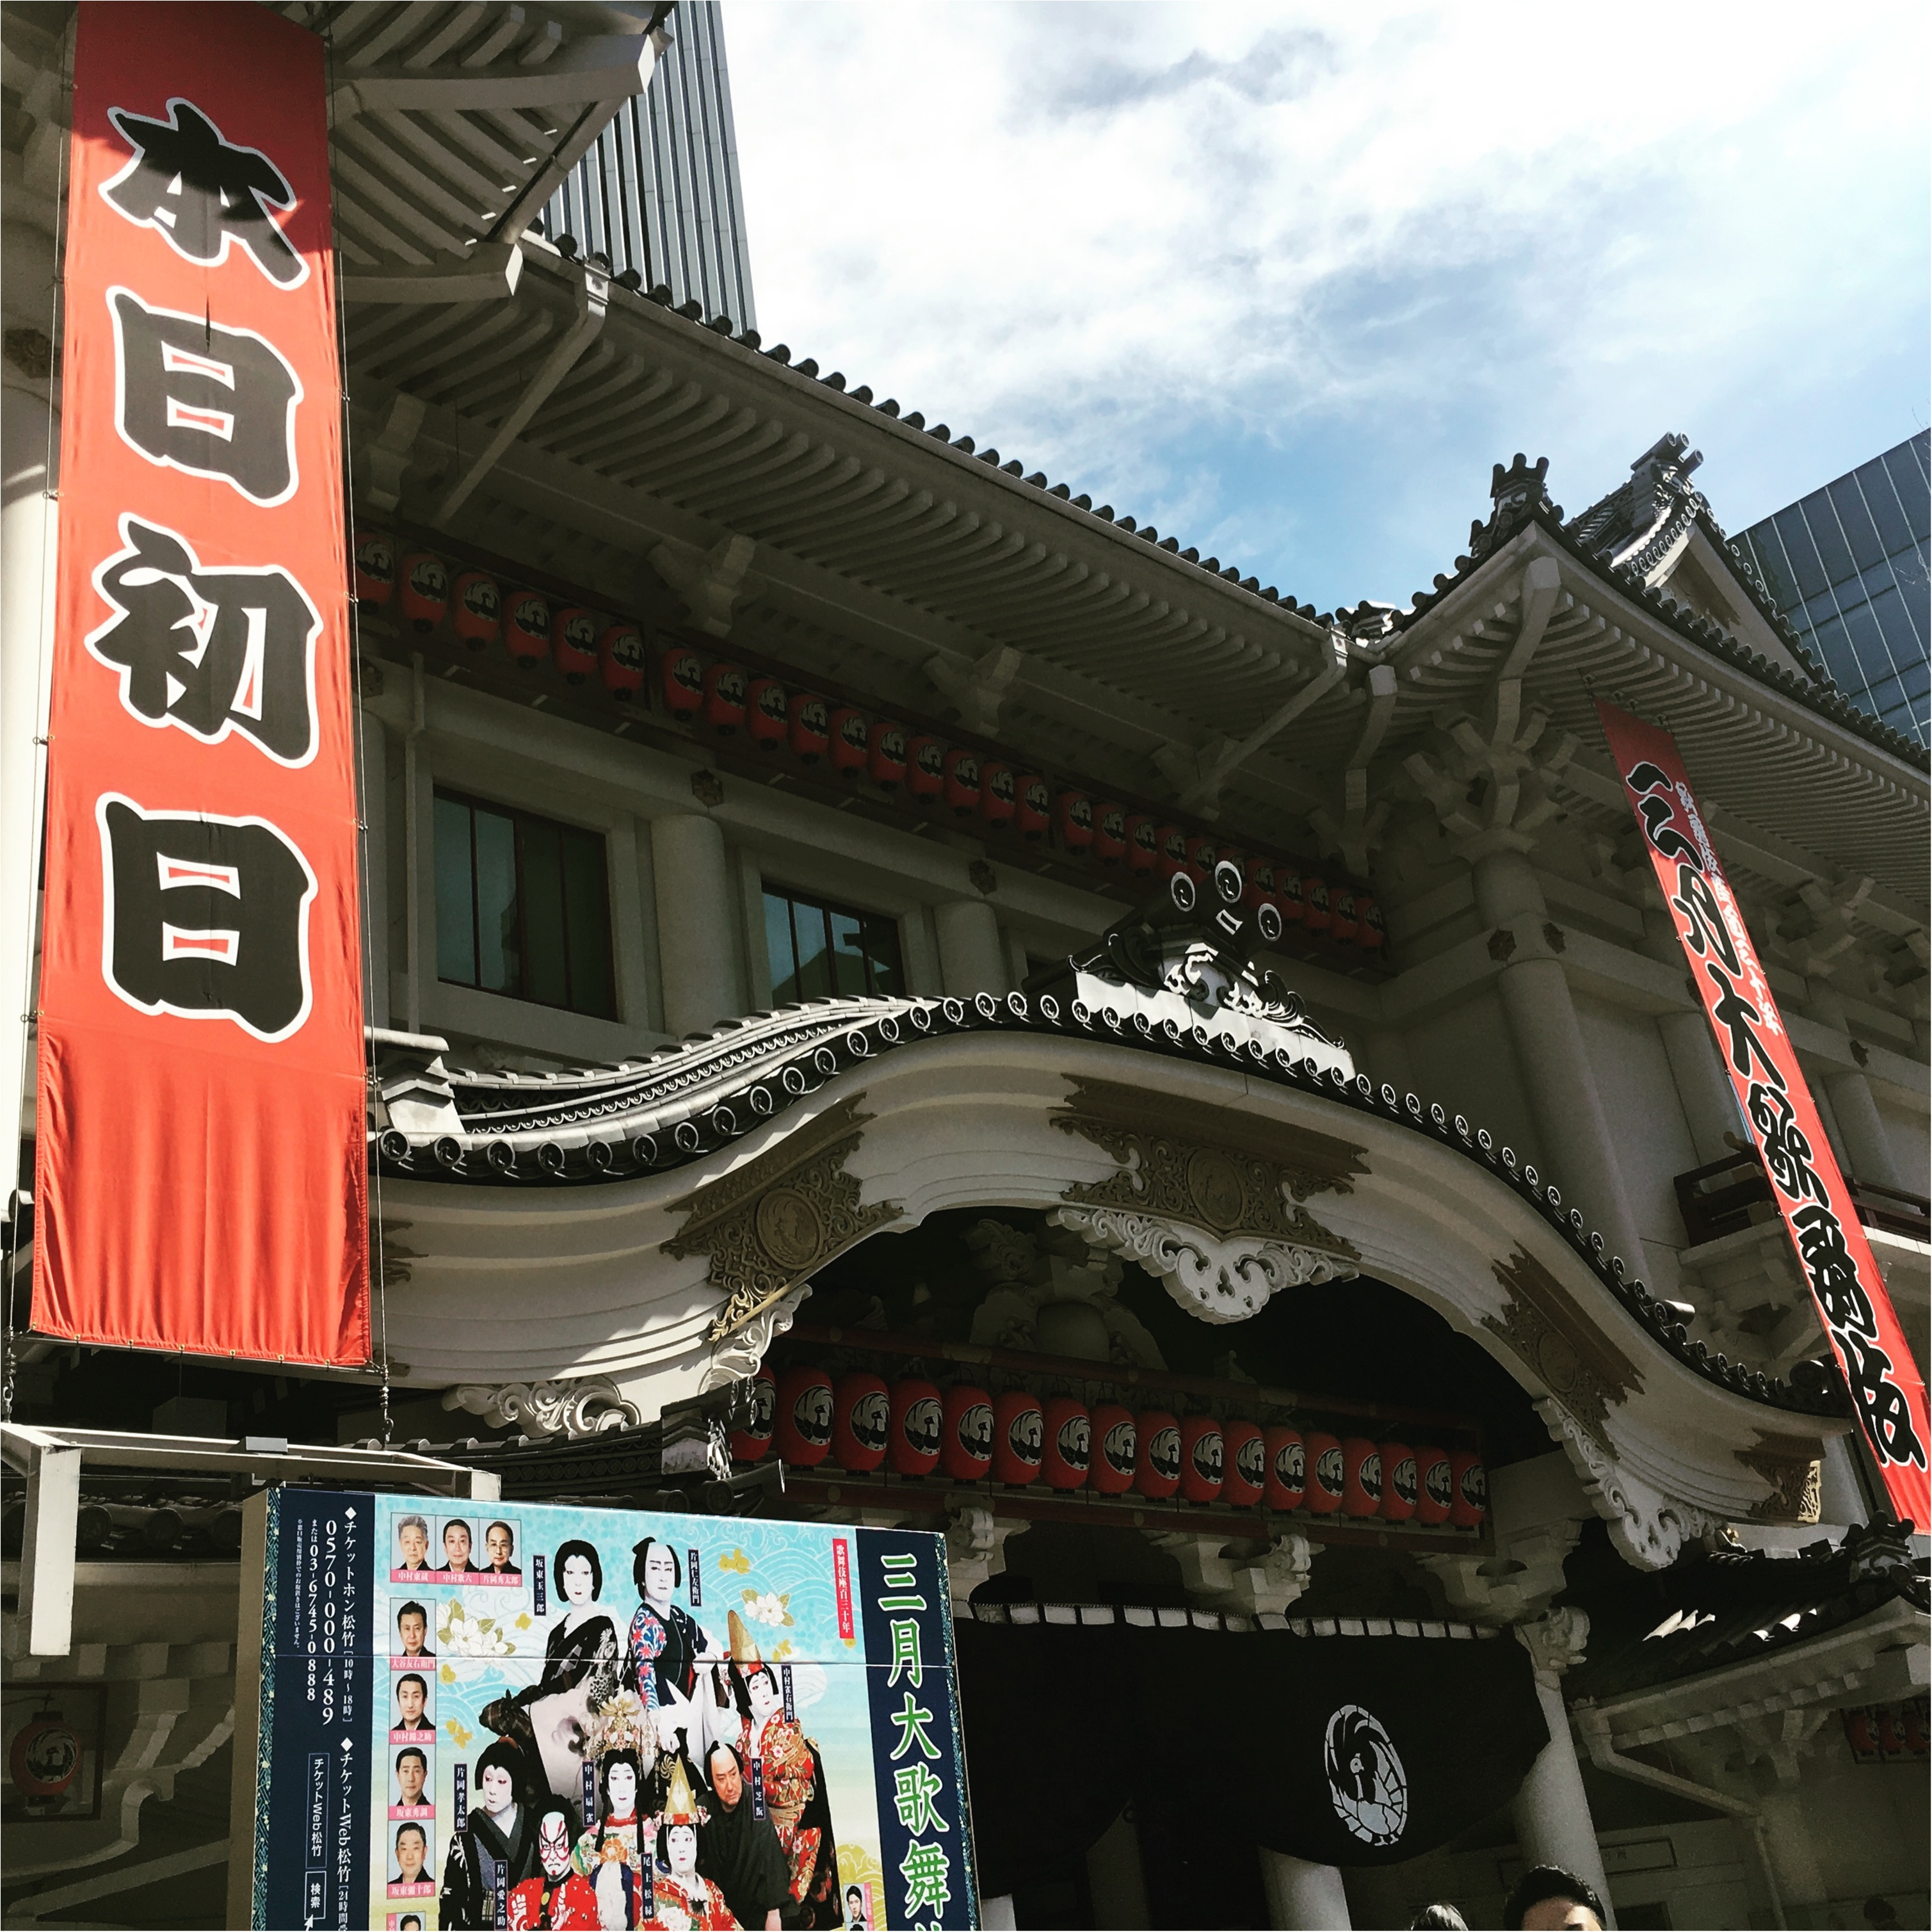 【歌舞伎のススメ其の2】祝・高麗屋三代襲名!歌舞伎座開場130周年の幕開けを飾る『壽春大歌舞伎』、そして、草間彌生さんの祝幕に見守られた『二月大歌舞伎』!_11